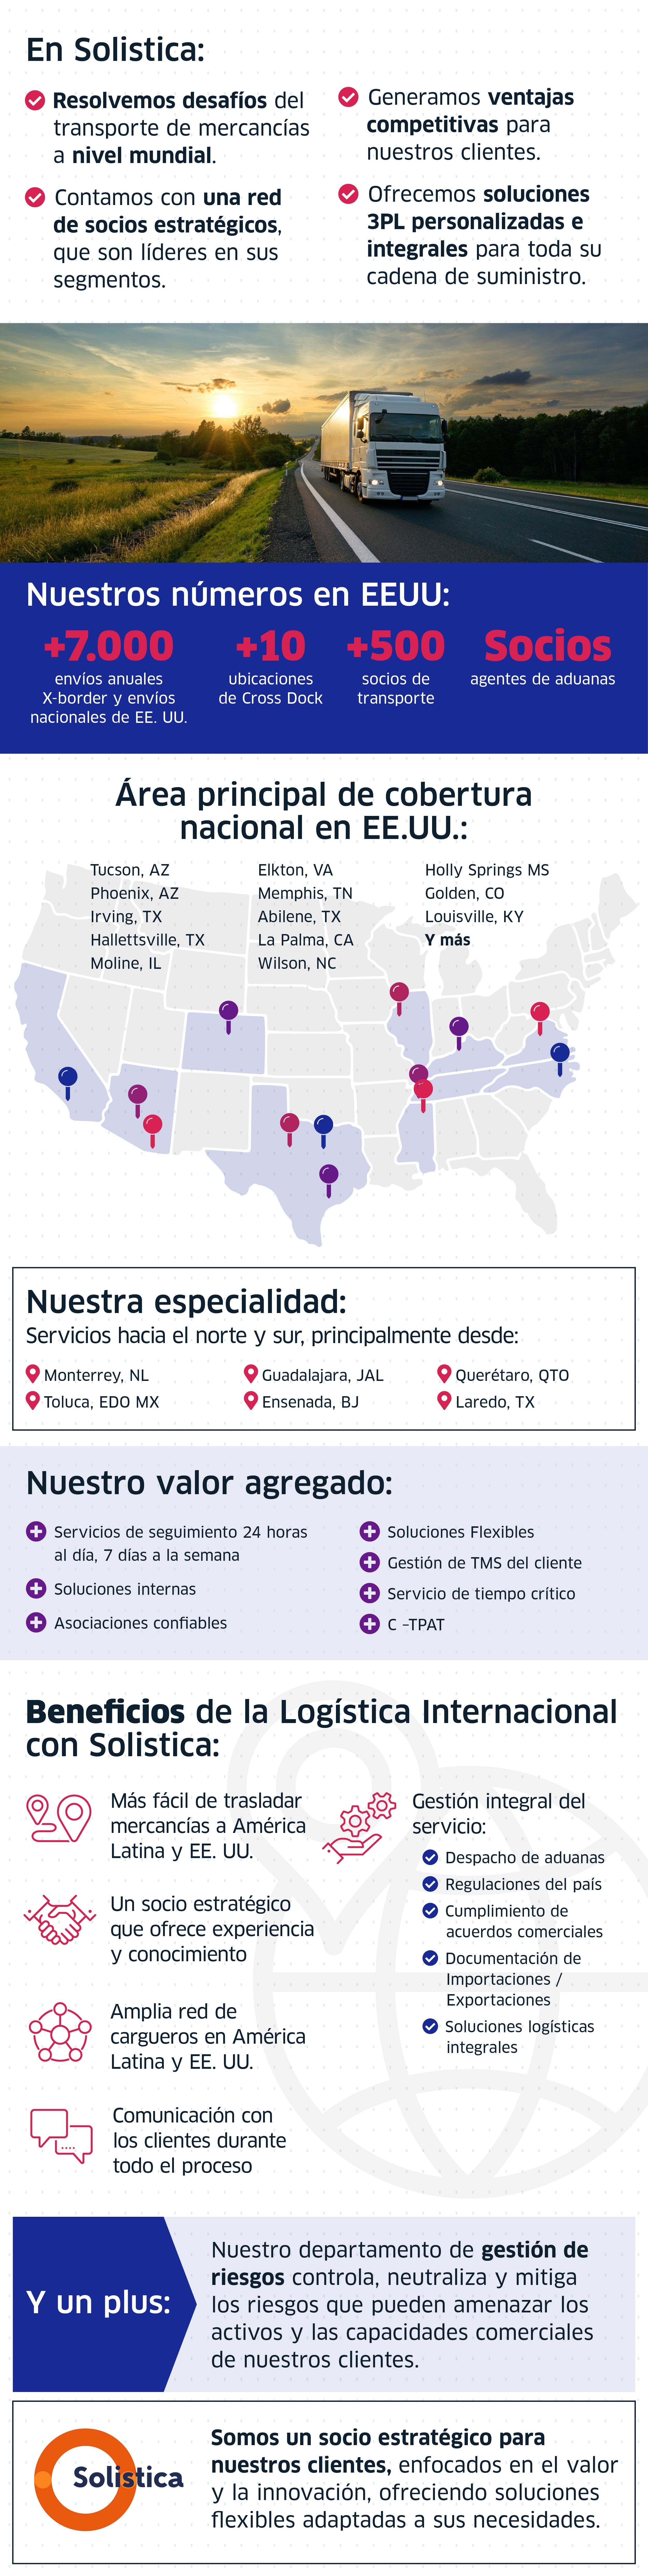 Infografía_ Capacidades de Solistica en Estados Unidos